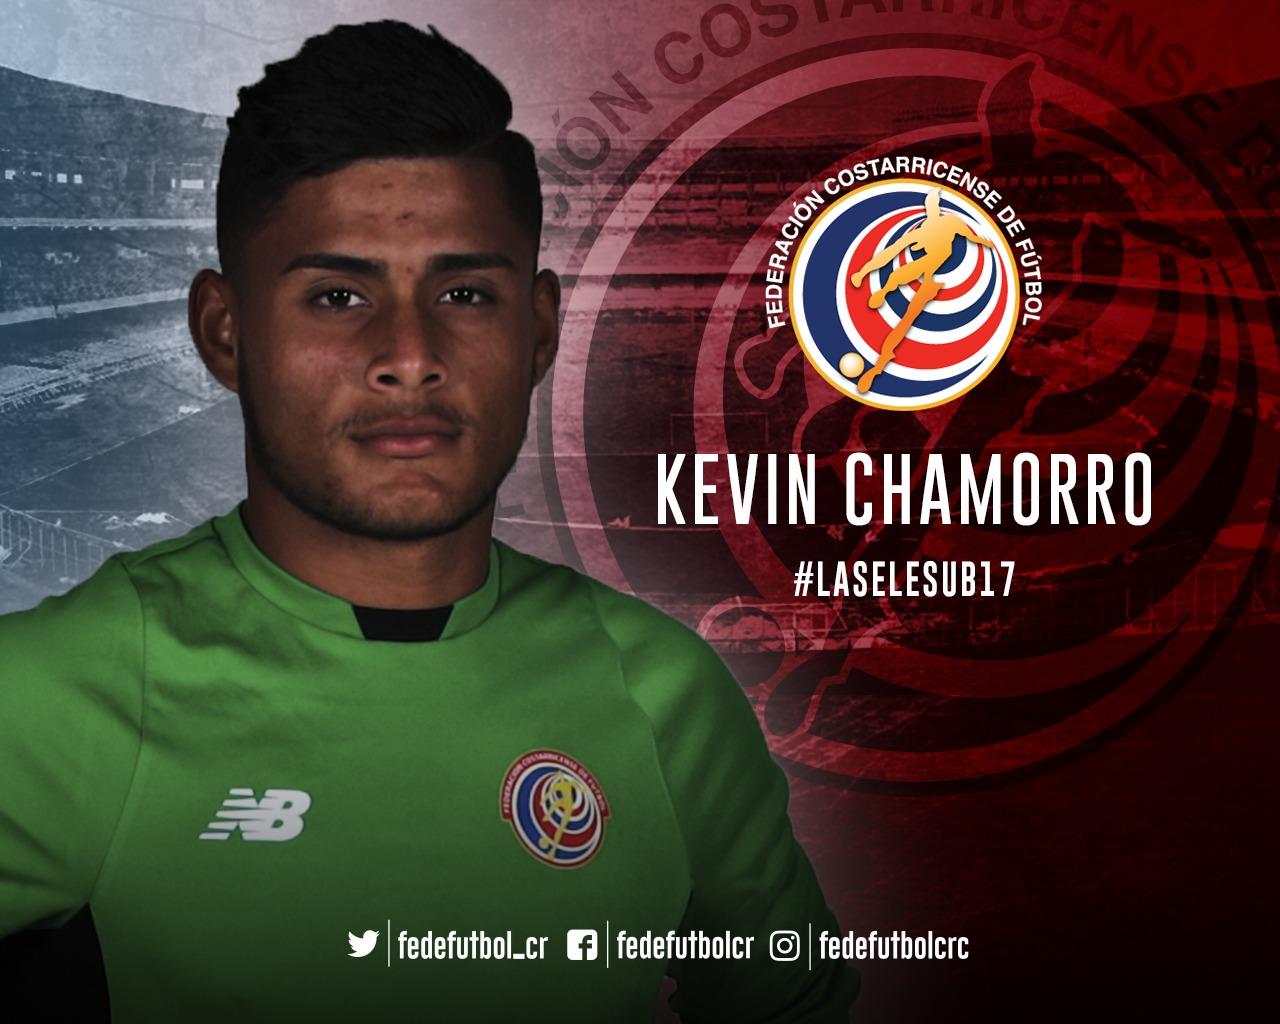 ¿Quién es Kevin Chamorro?